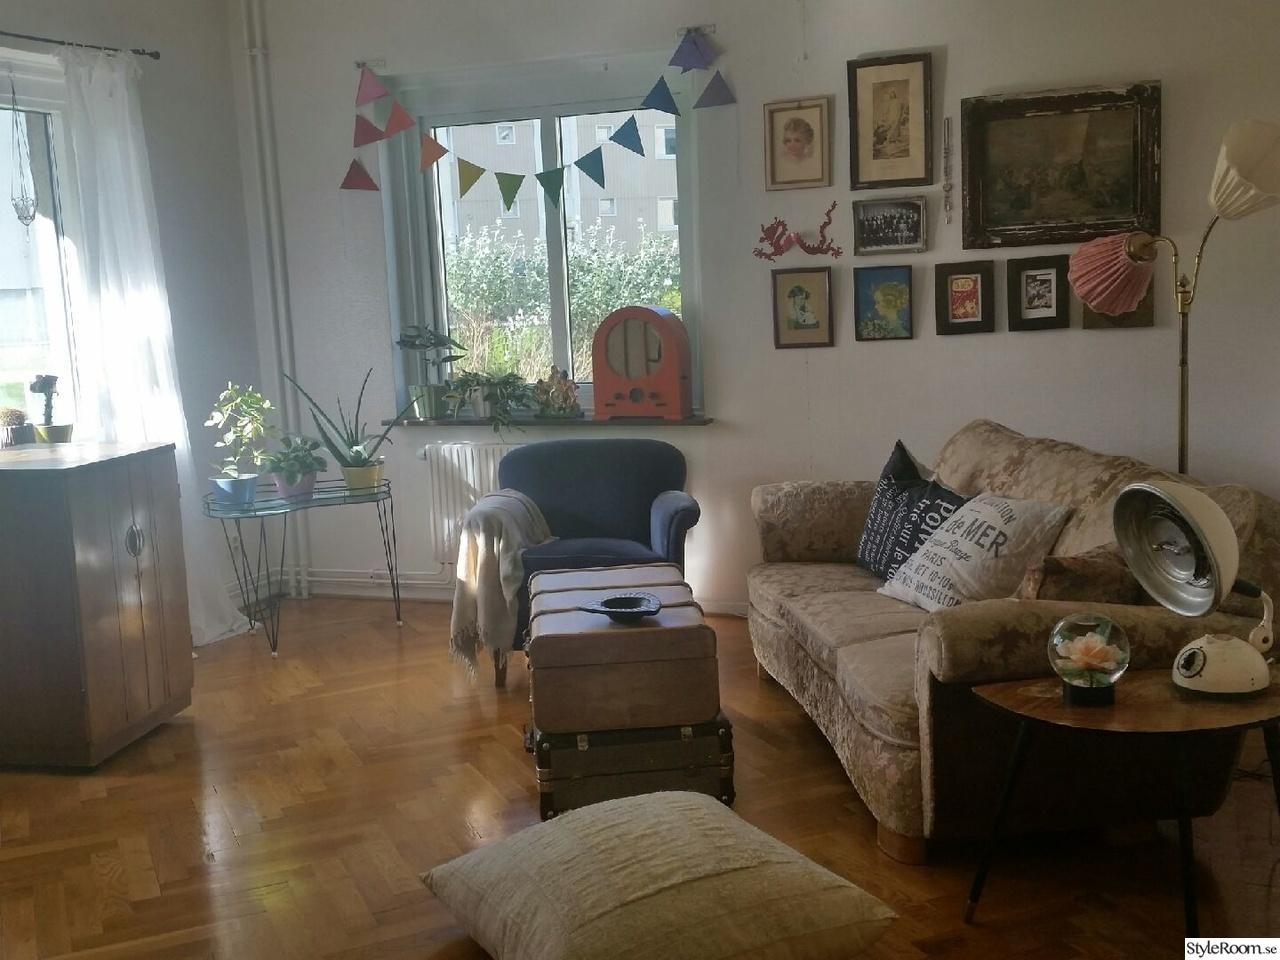 Gardiner vardagsrum - Inspiration och idéer till ditt hem